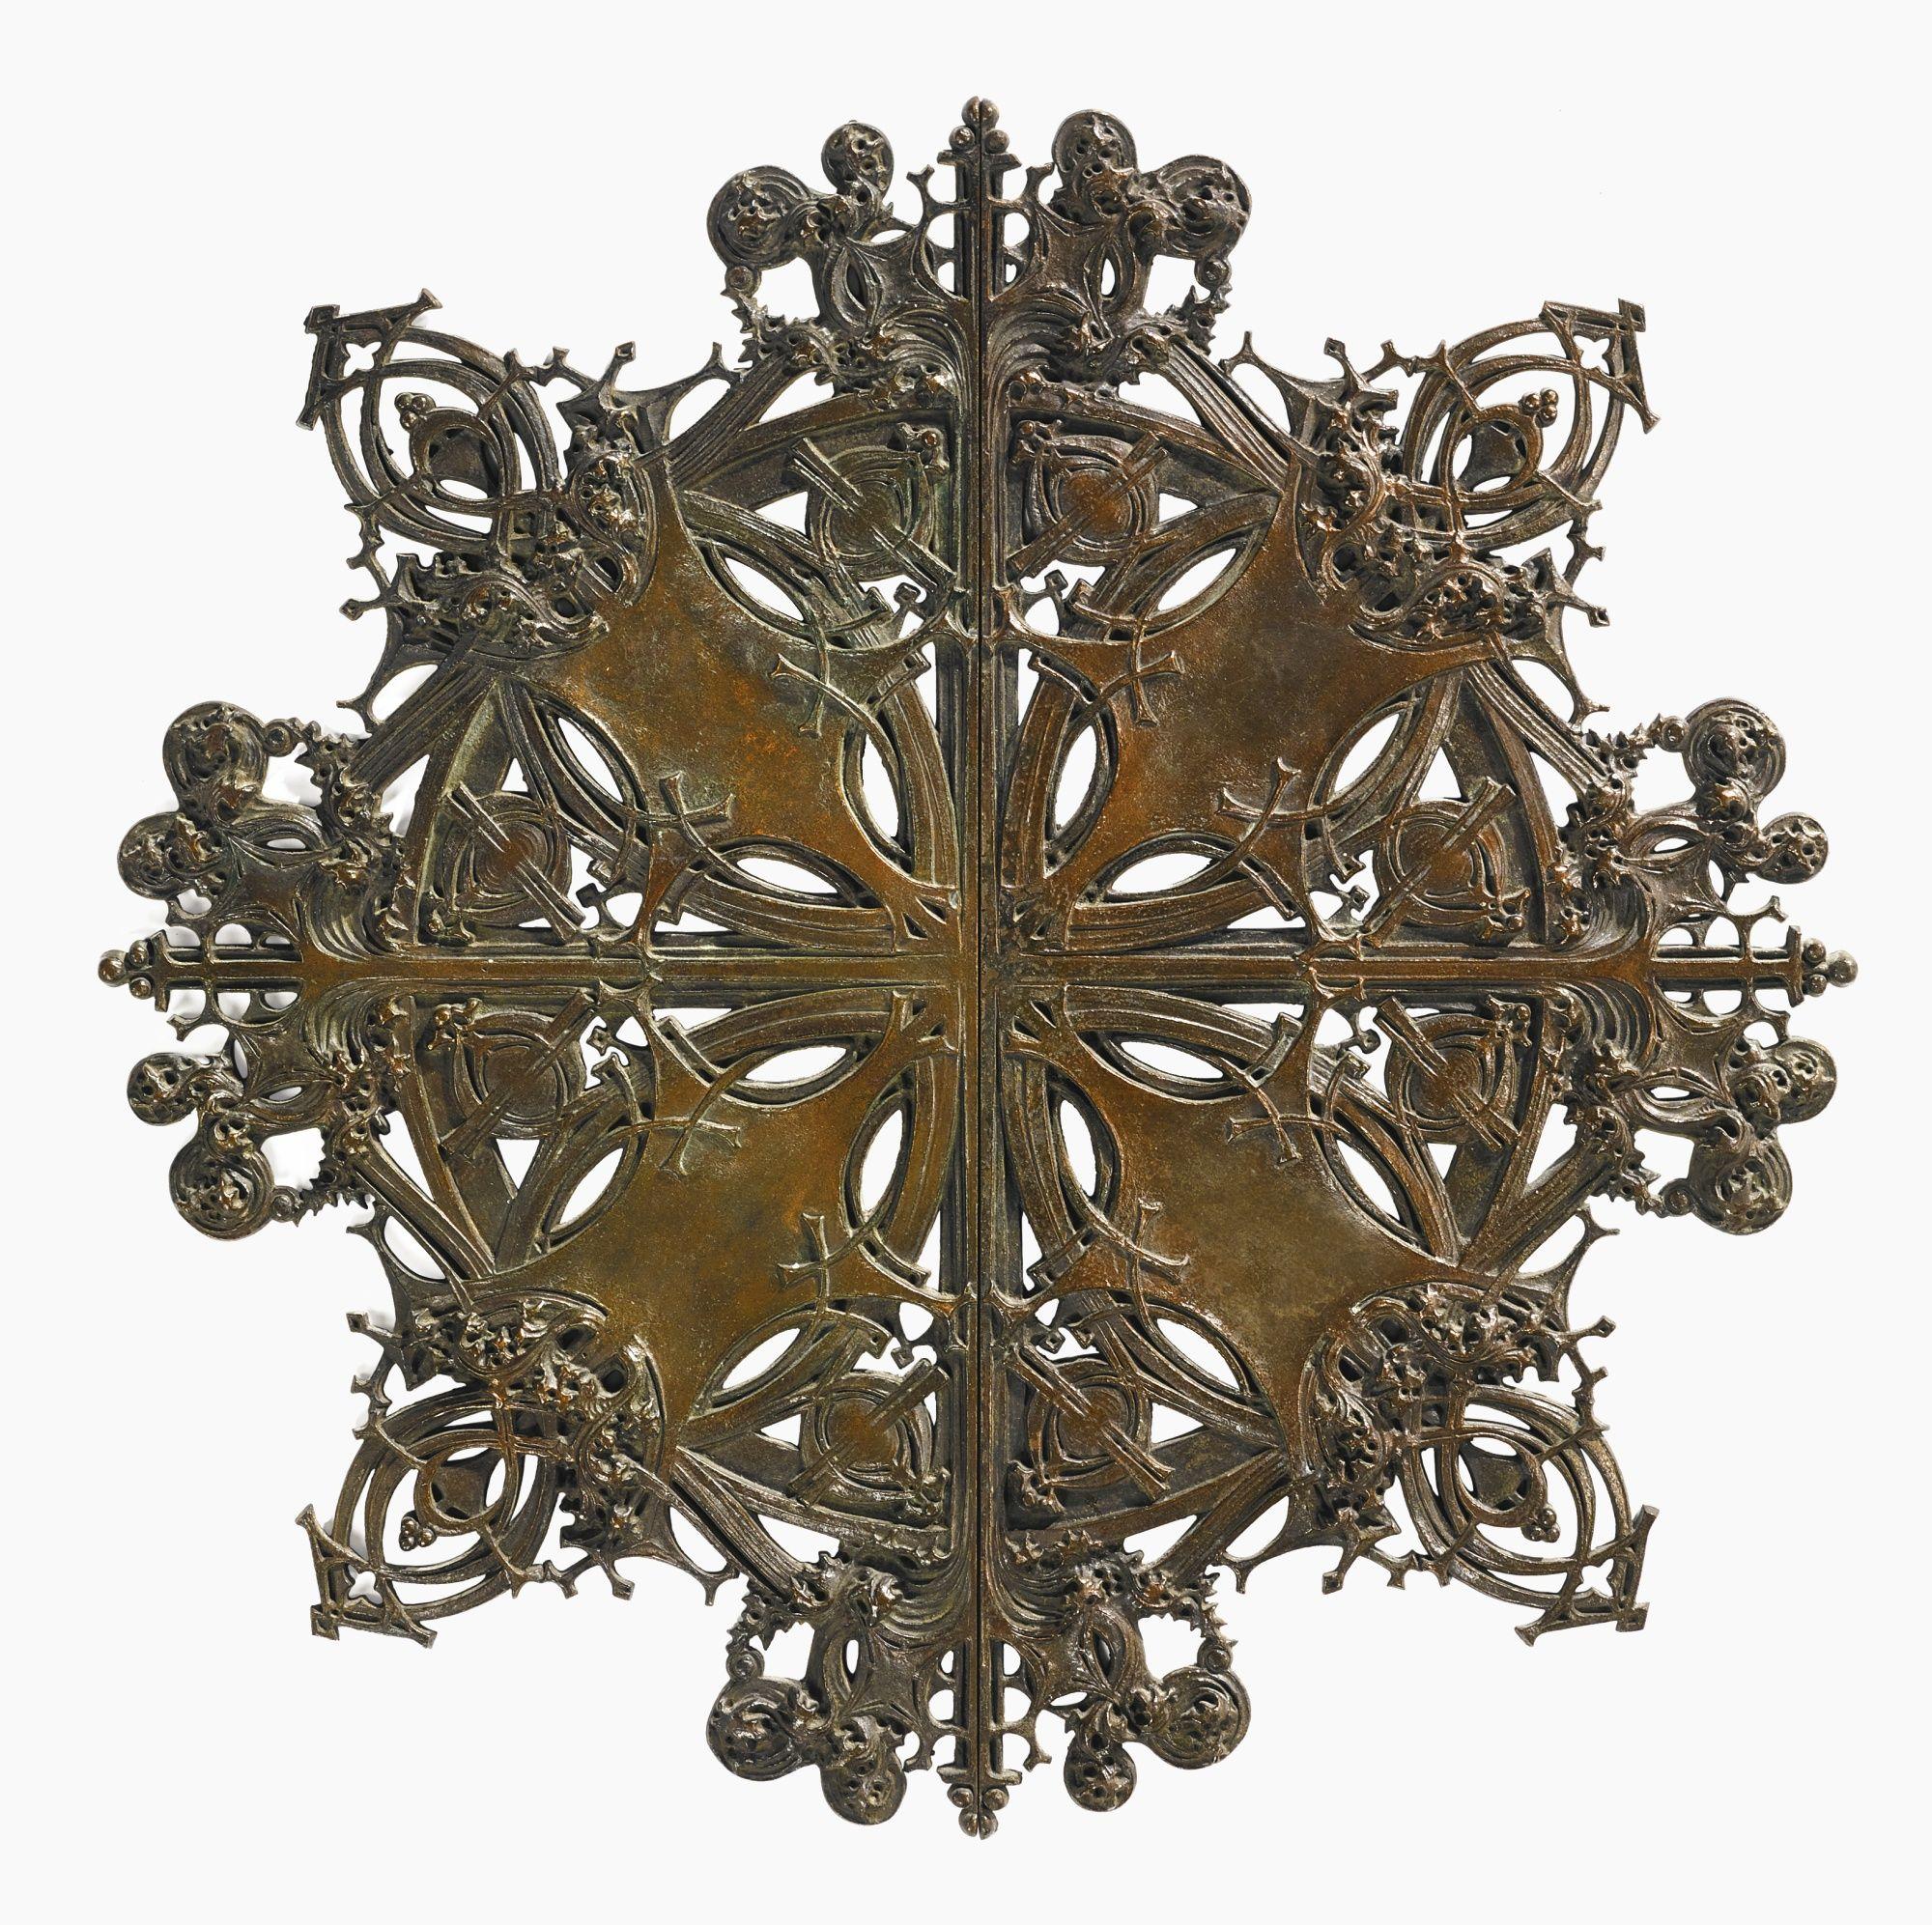 Dankmar adler and louis sullivan elevator door medallion from the